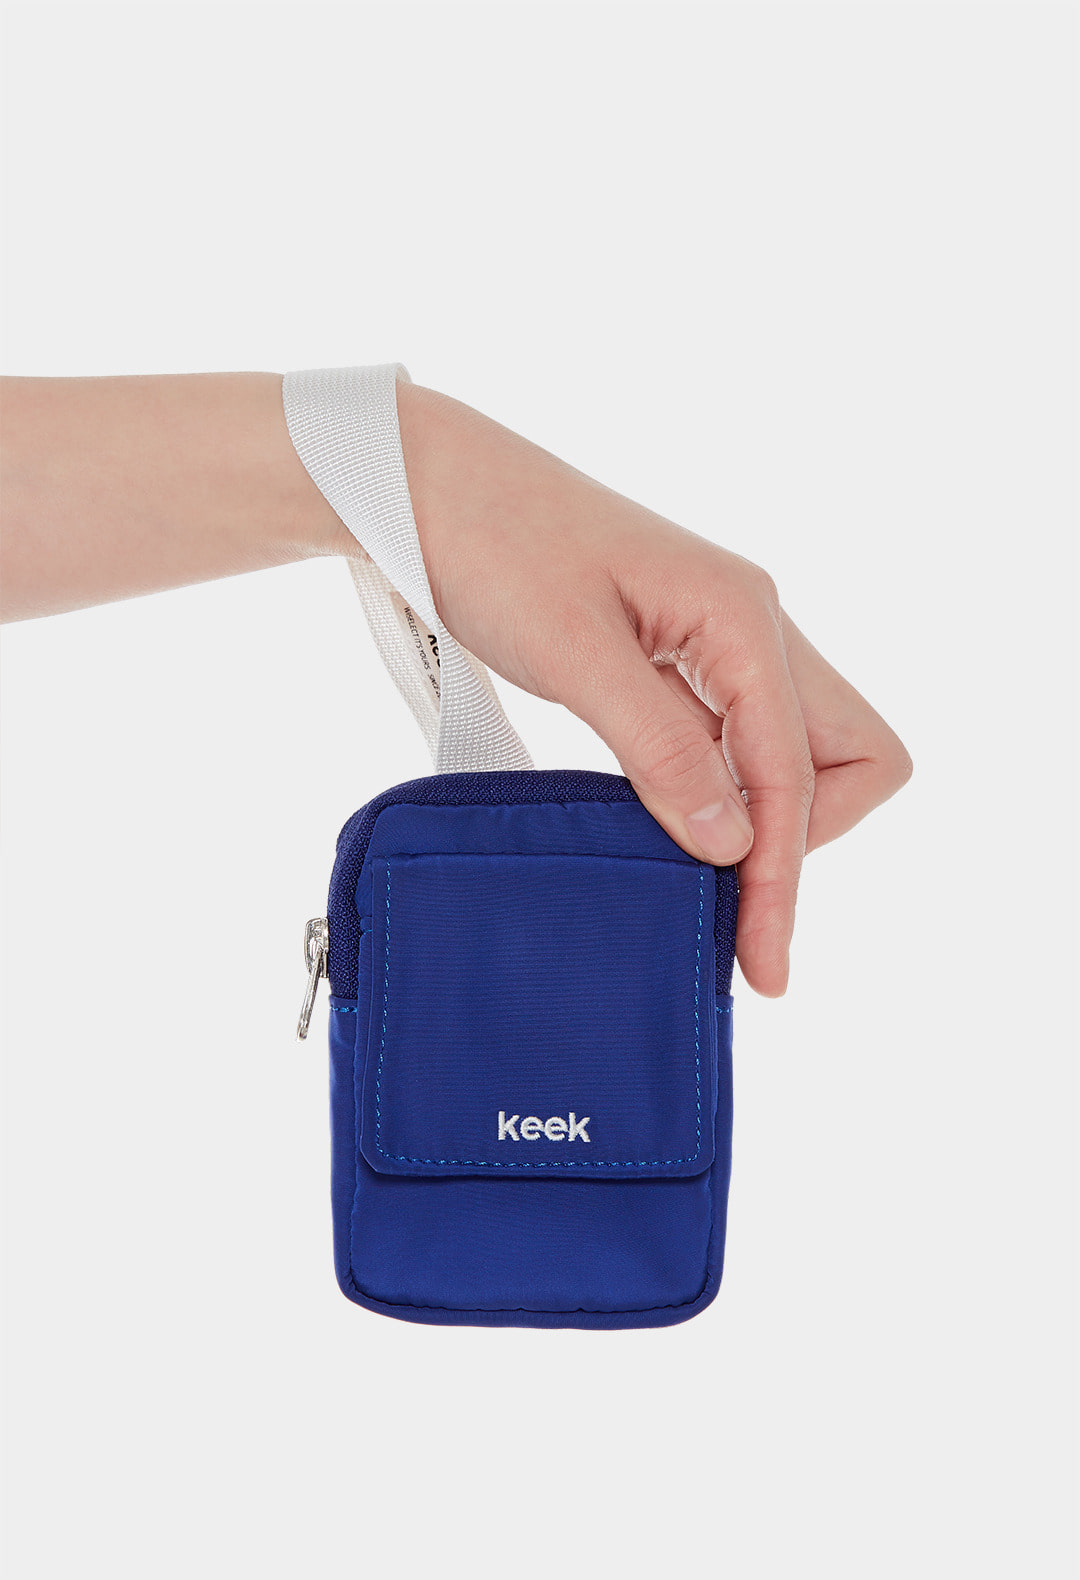 keek Buckle Pocket - Blue 스트릿패션 유니섹스브랜드 커플시밀러룩 남자쇼핑몰 여성의류쇼핑몰 후드티 힙색